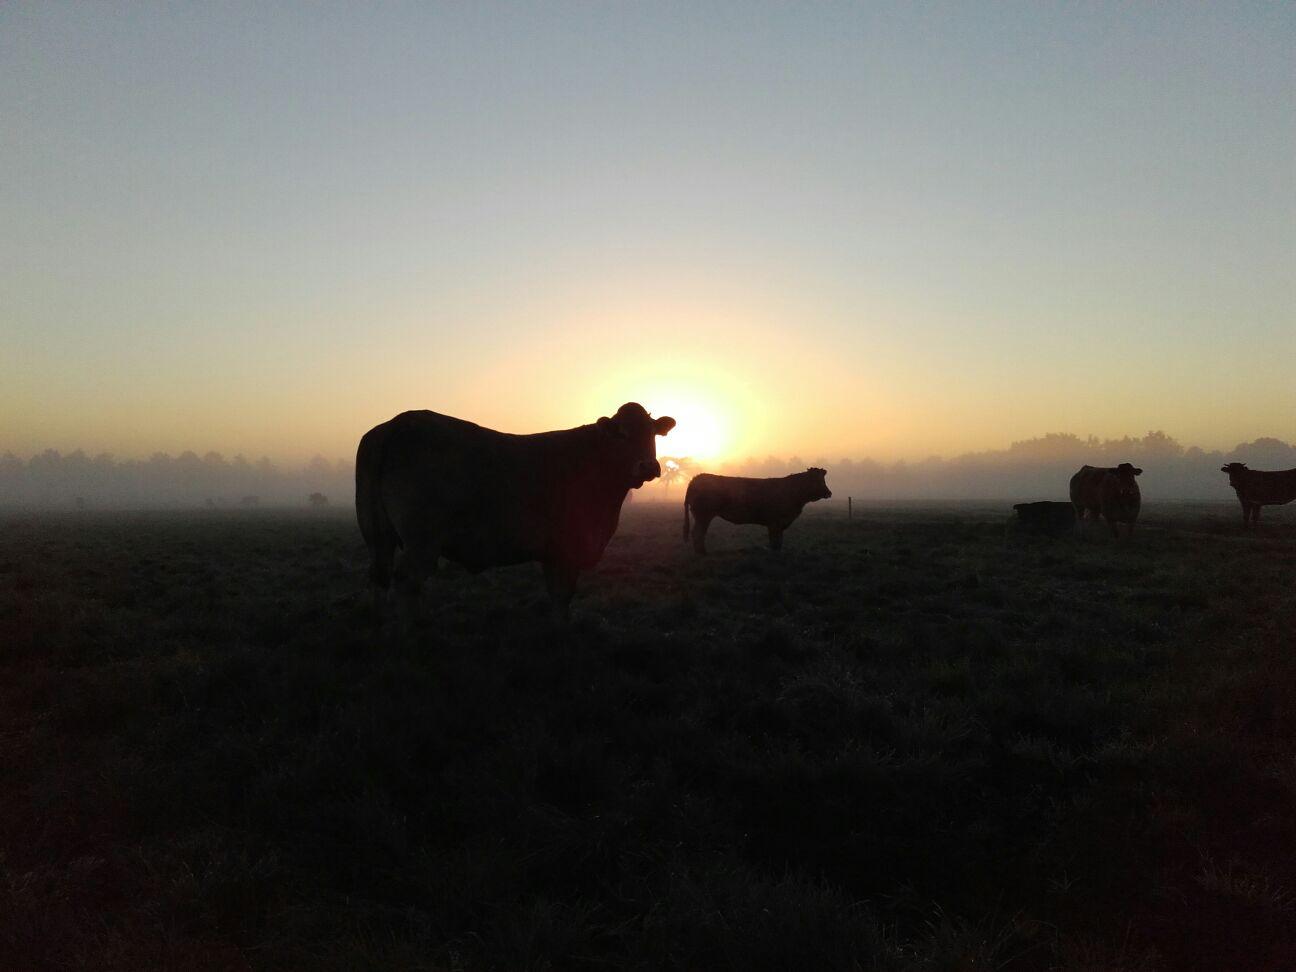 koeien buiten in de winter